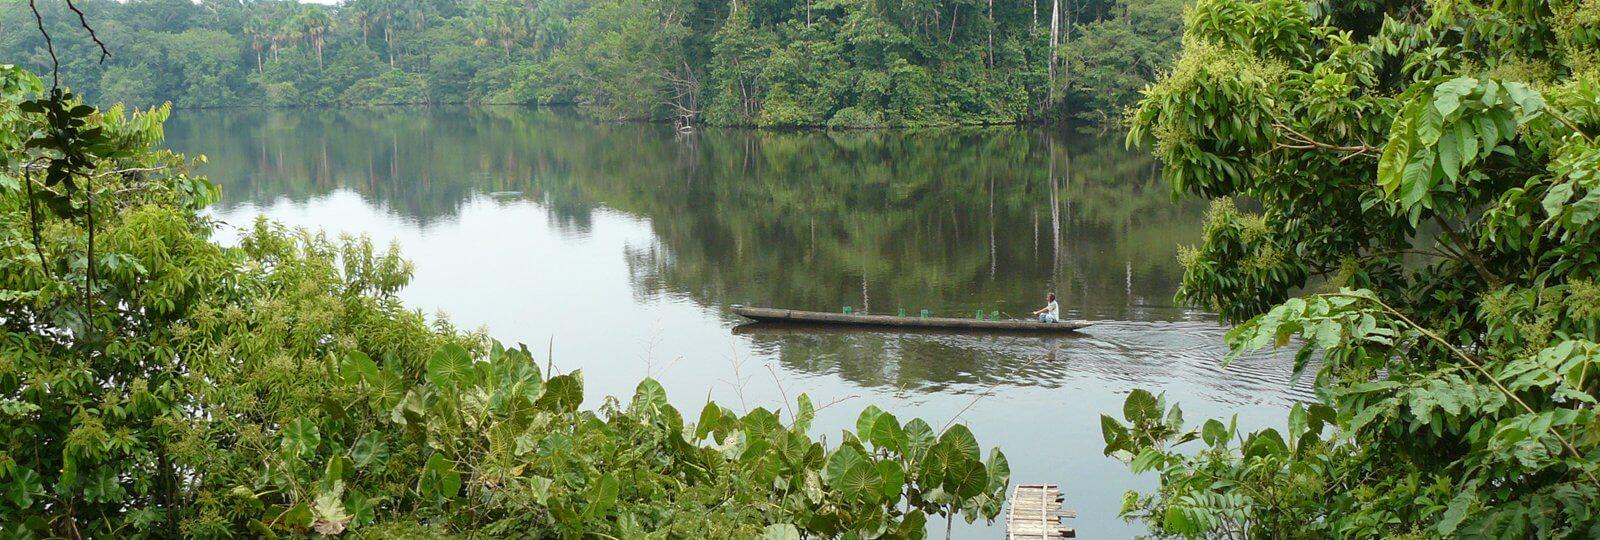 AMAZONAS EXPEDITION Mythos Amazonas